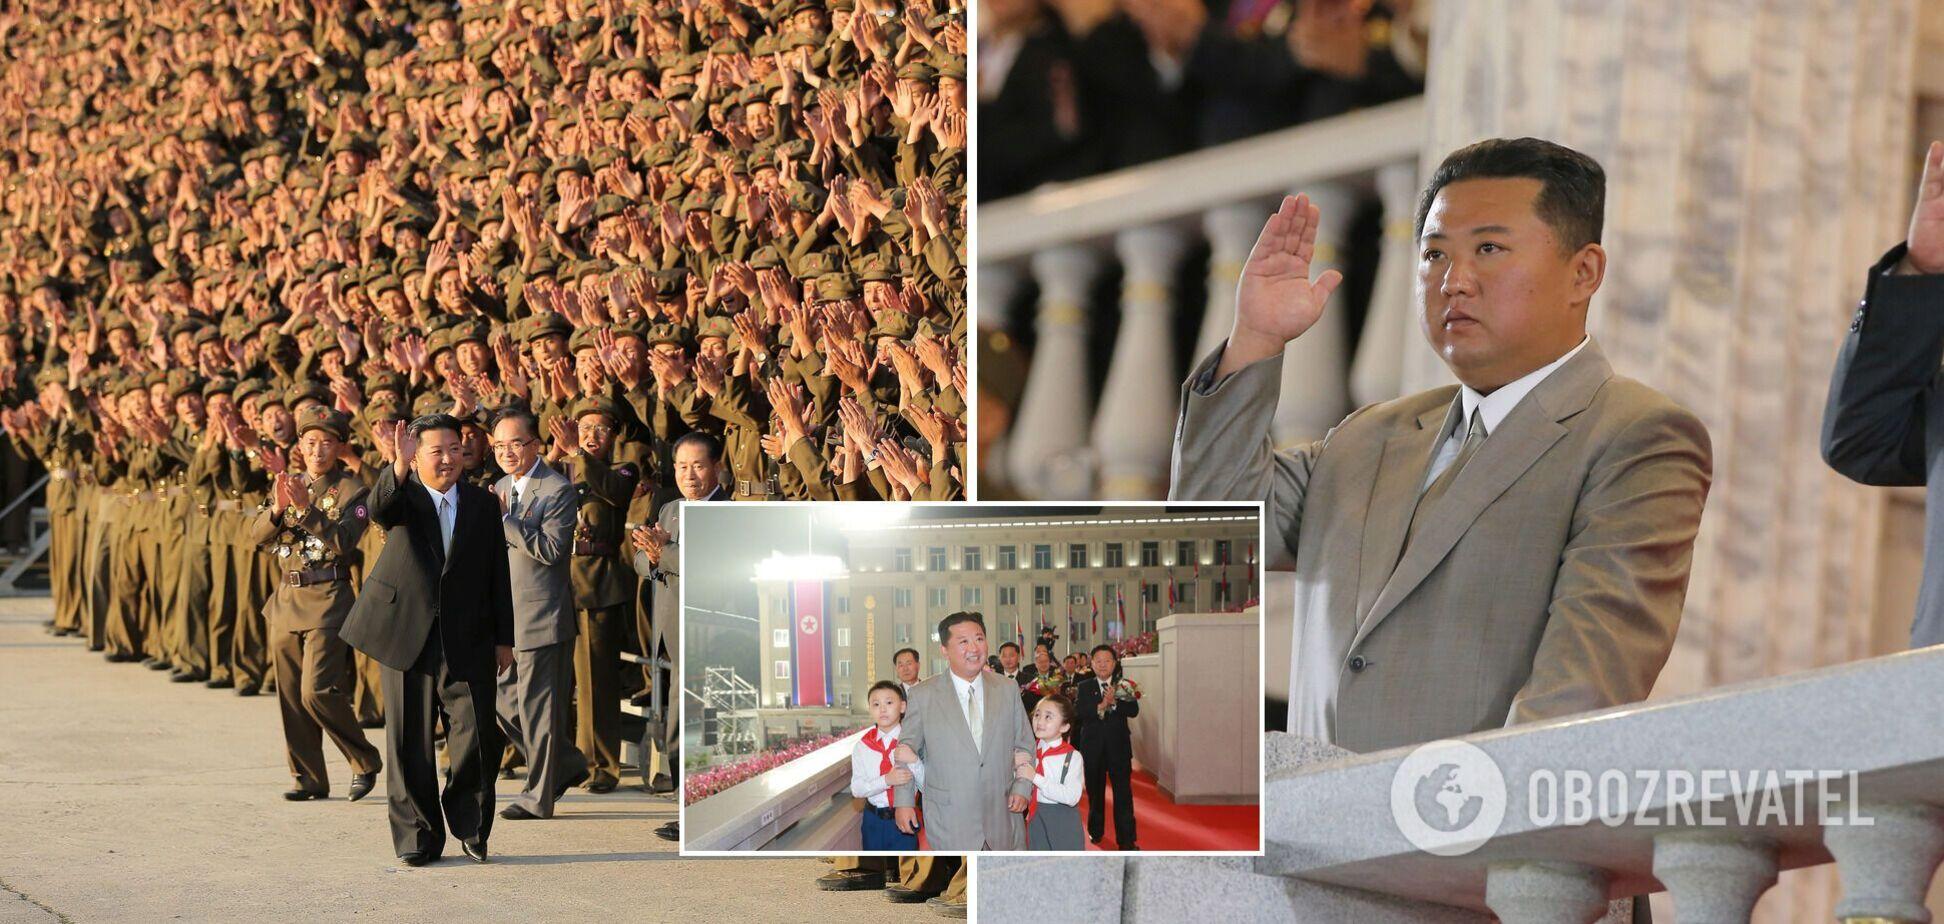 Ким Чен Ын на военном параде удивил внешним видом: похудел и 'помолодел'. Фоторепортаж